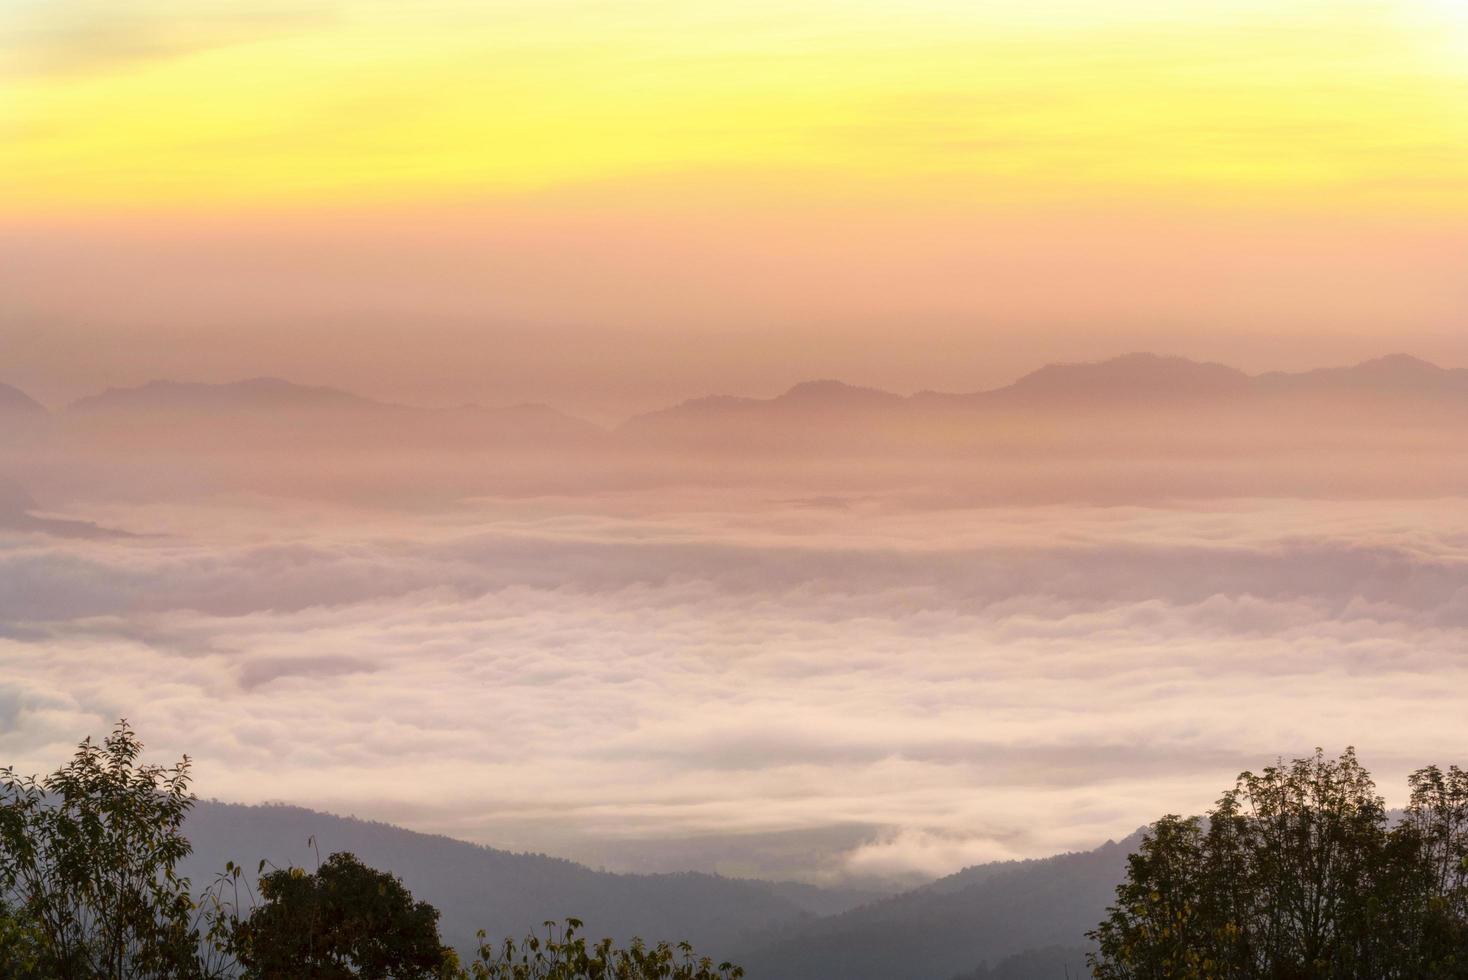 montagnes dans un brouillard avec soleil et nuages photo